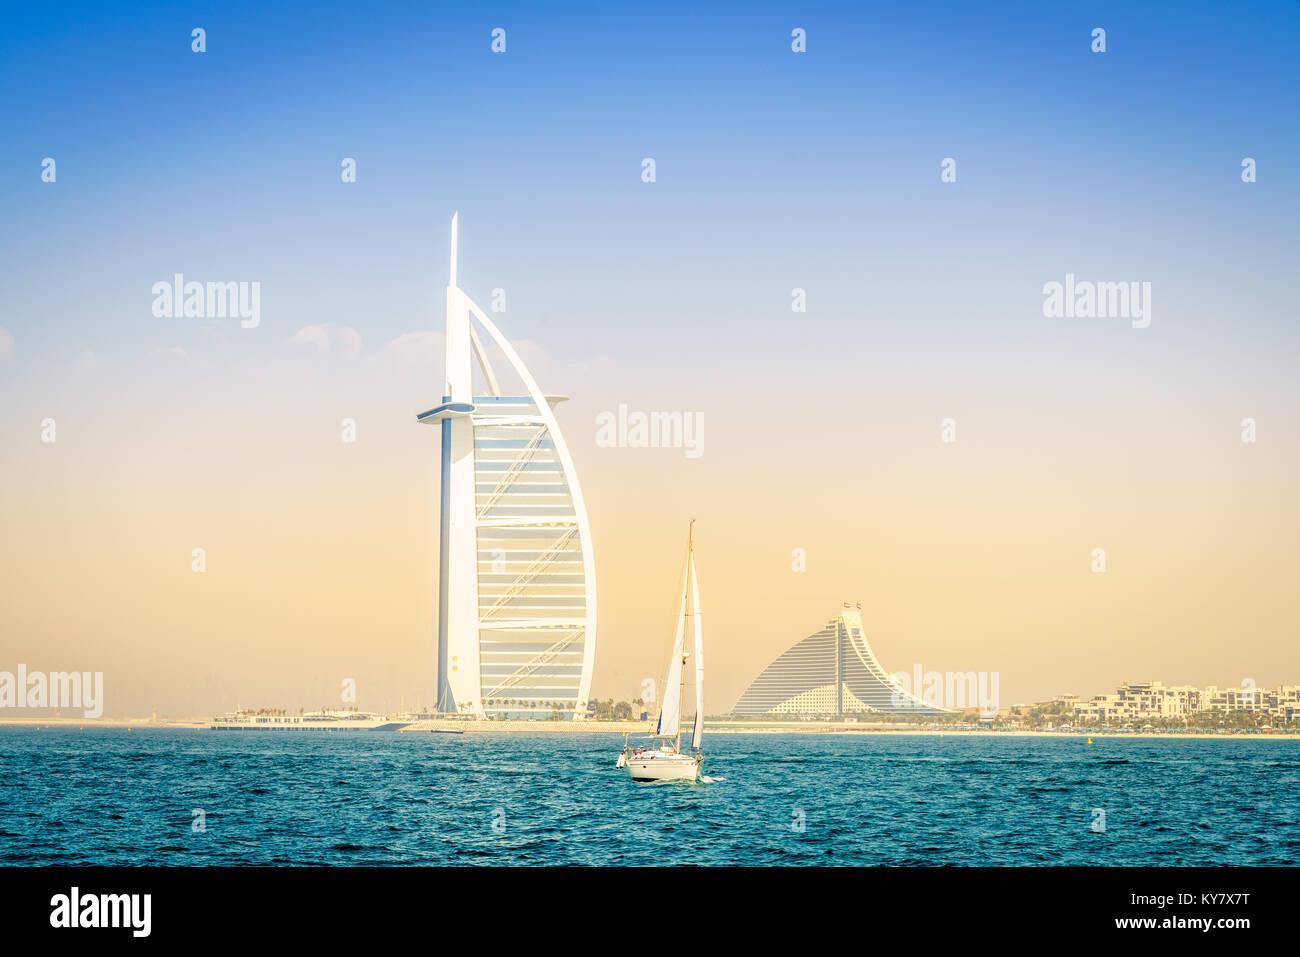 Dubai, UAE, Marzo 31, 2017: vista mare del mondo il famoso Burj Al Arab e la Jumeirah Beach Hotel Immagini Stock